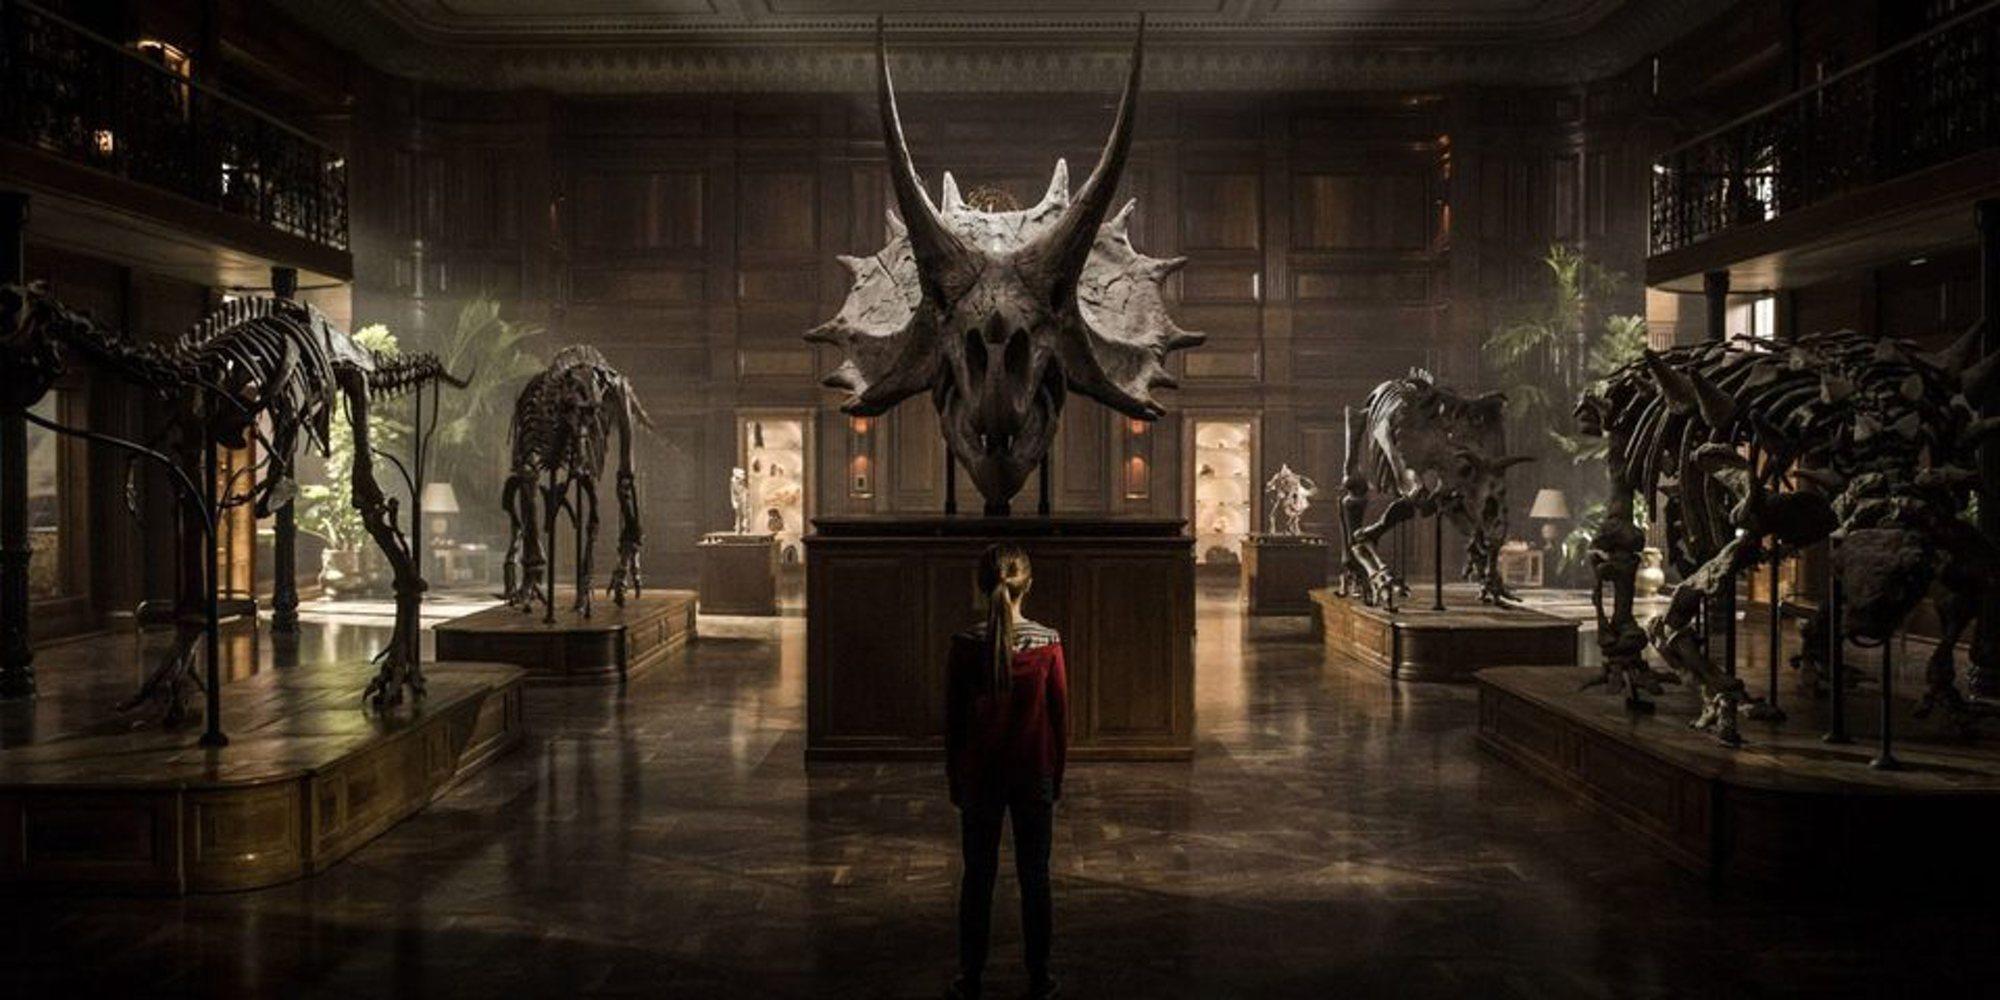 'Jurassic World: El Reino Caído' se convierte en la película más taquillera de 2018 en España